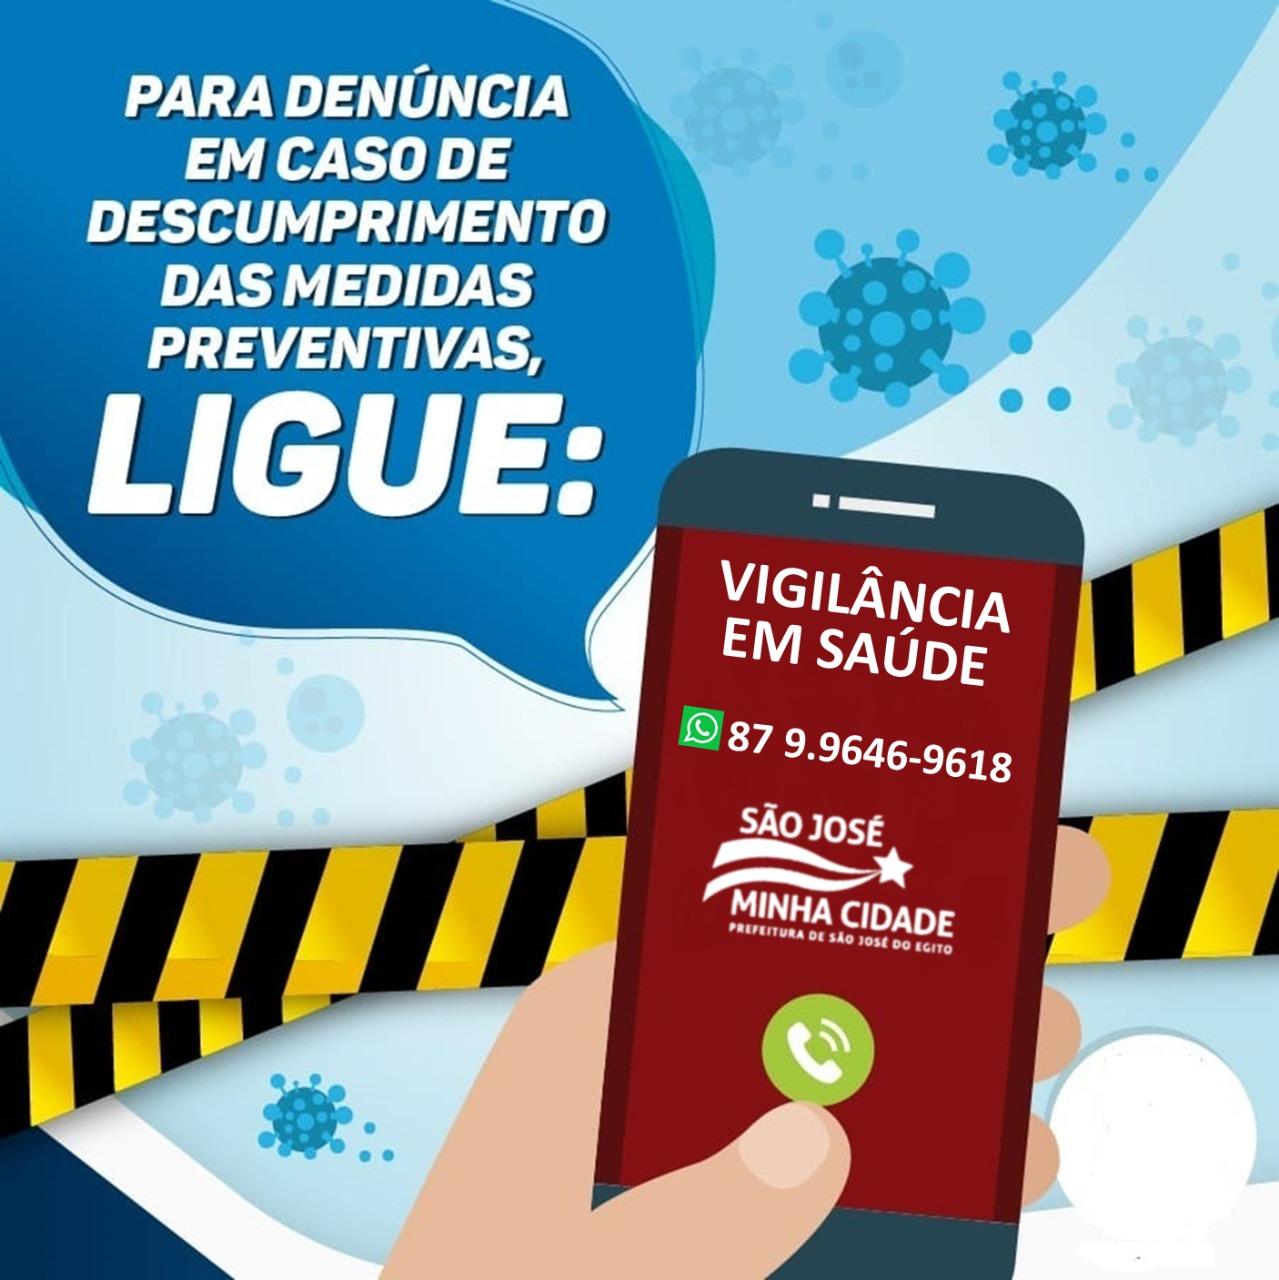 Em SJE Vigilância em Saúde anuncia telefone para possíveis denúncias sobre coronavirus